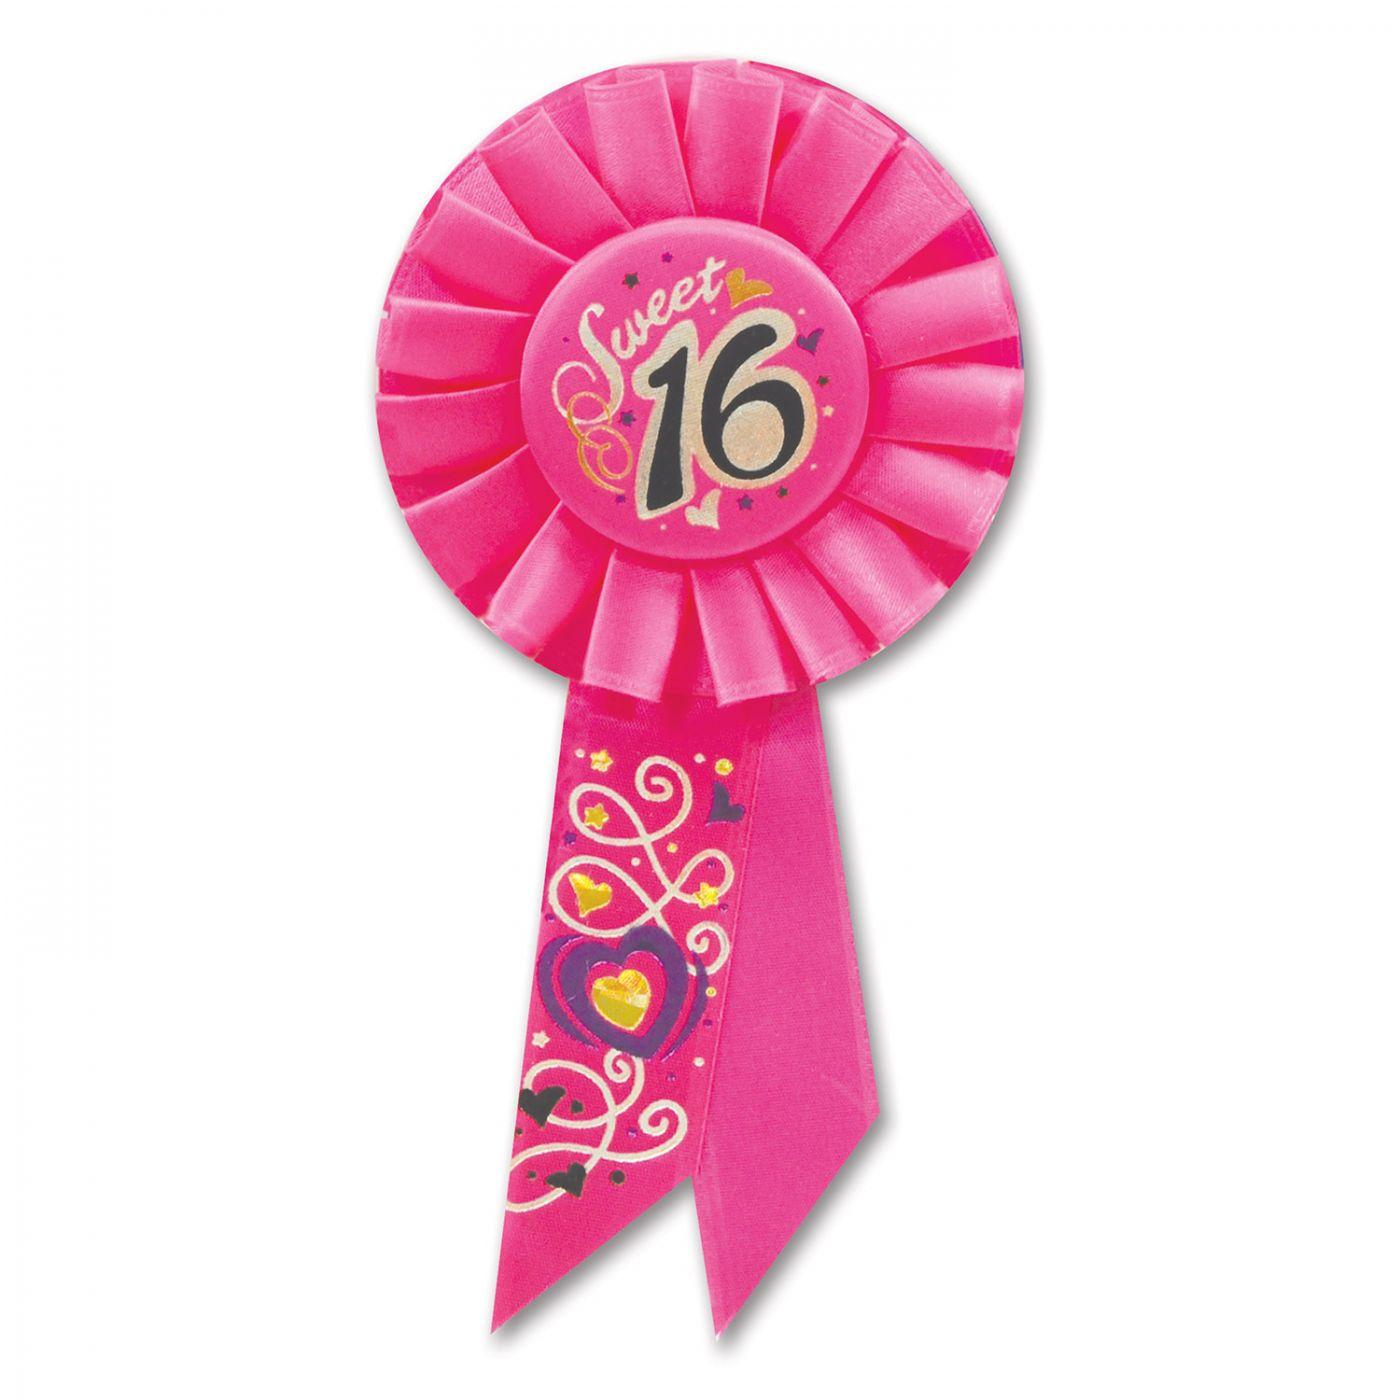 Sweet 16 Rosette (6) image